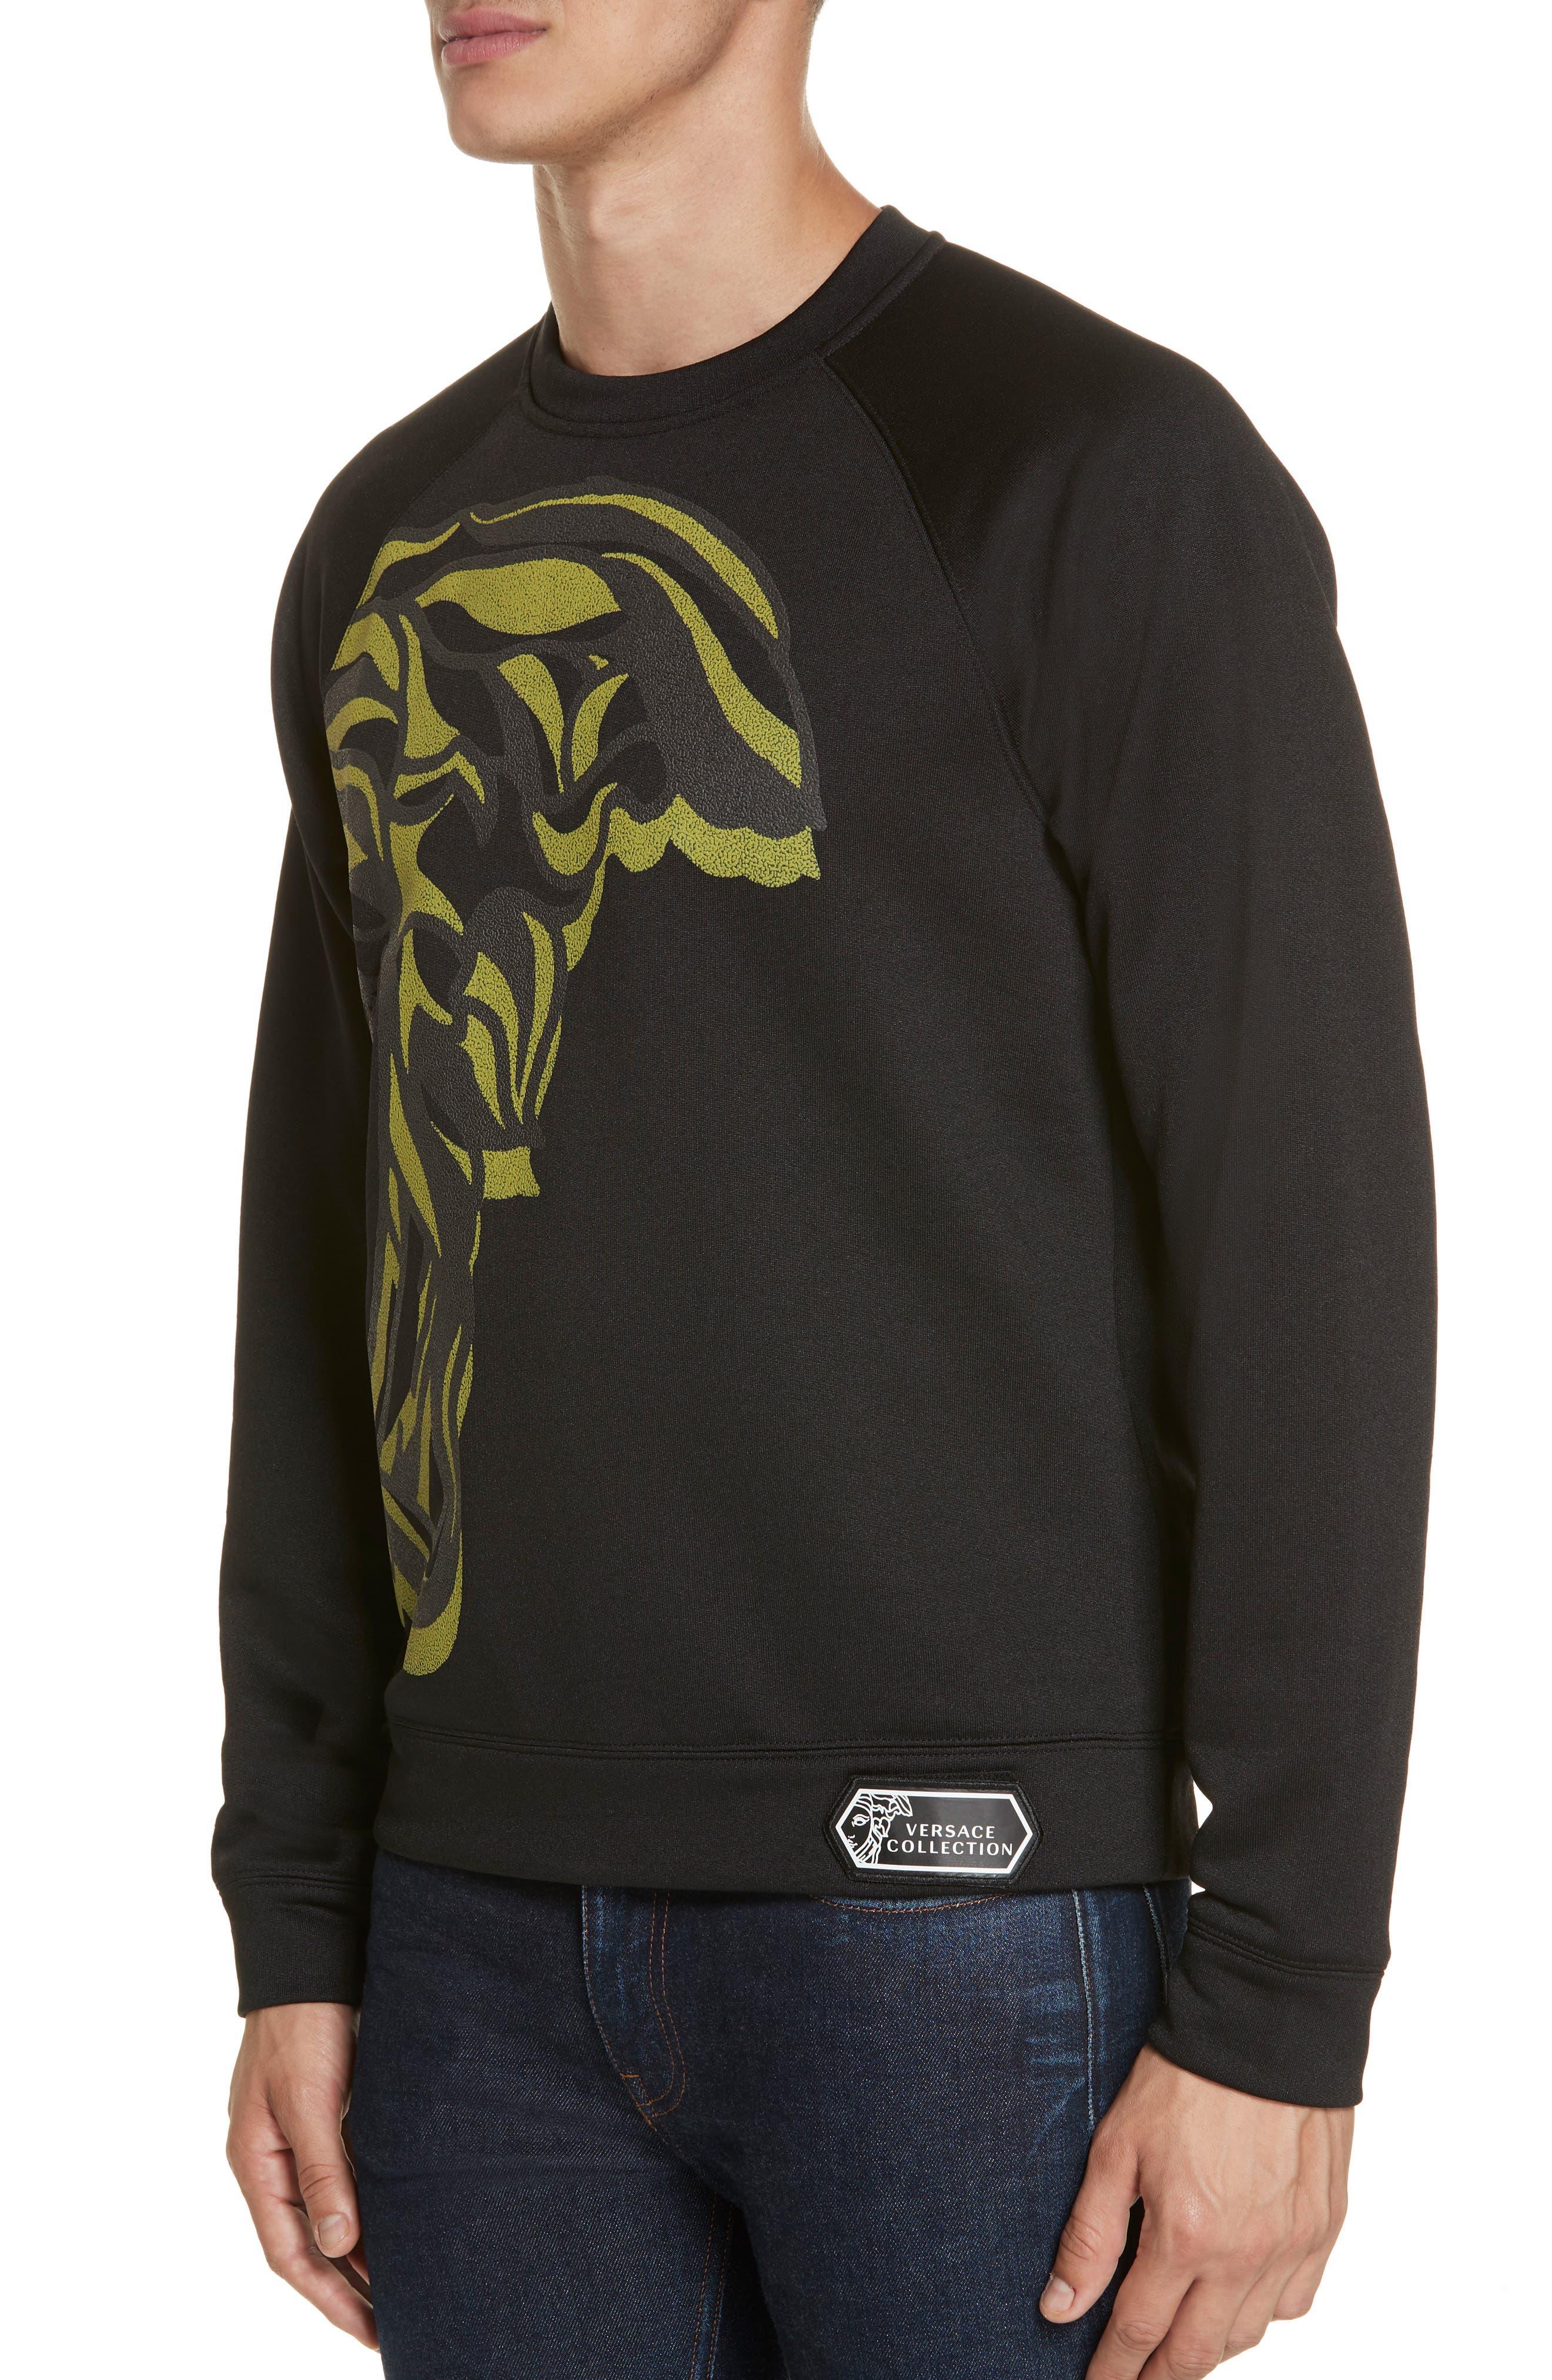 VERSACE COLLECTION, Medusa Print Sweatshirt, Alternate thumbnail 4, color, BLACK/ PAINT